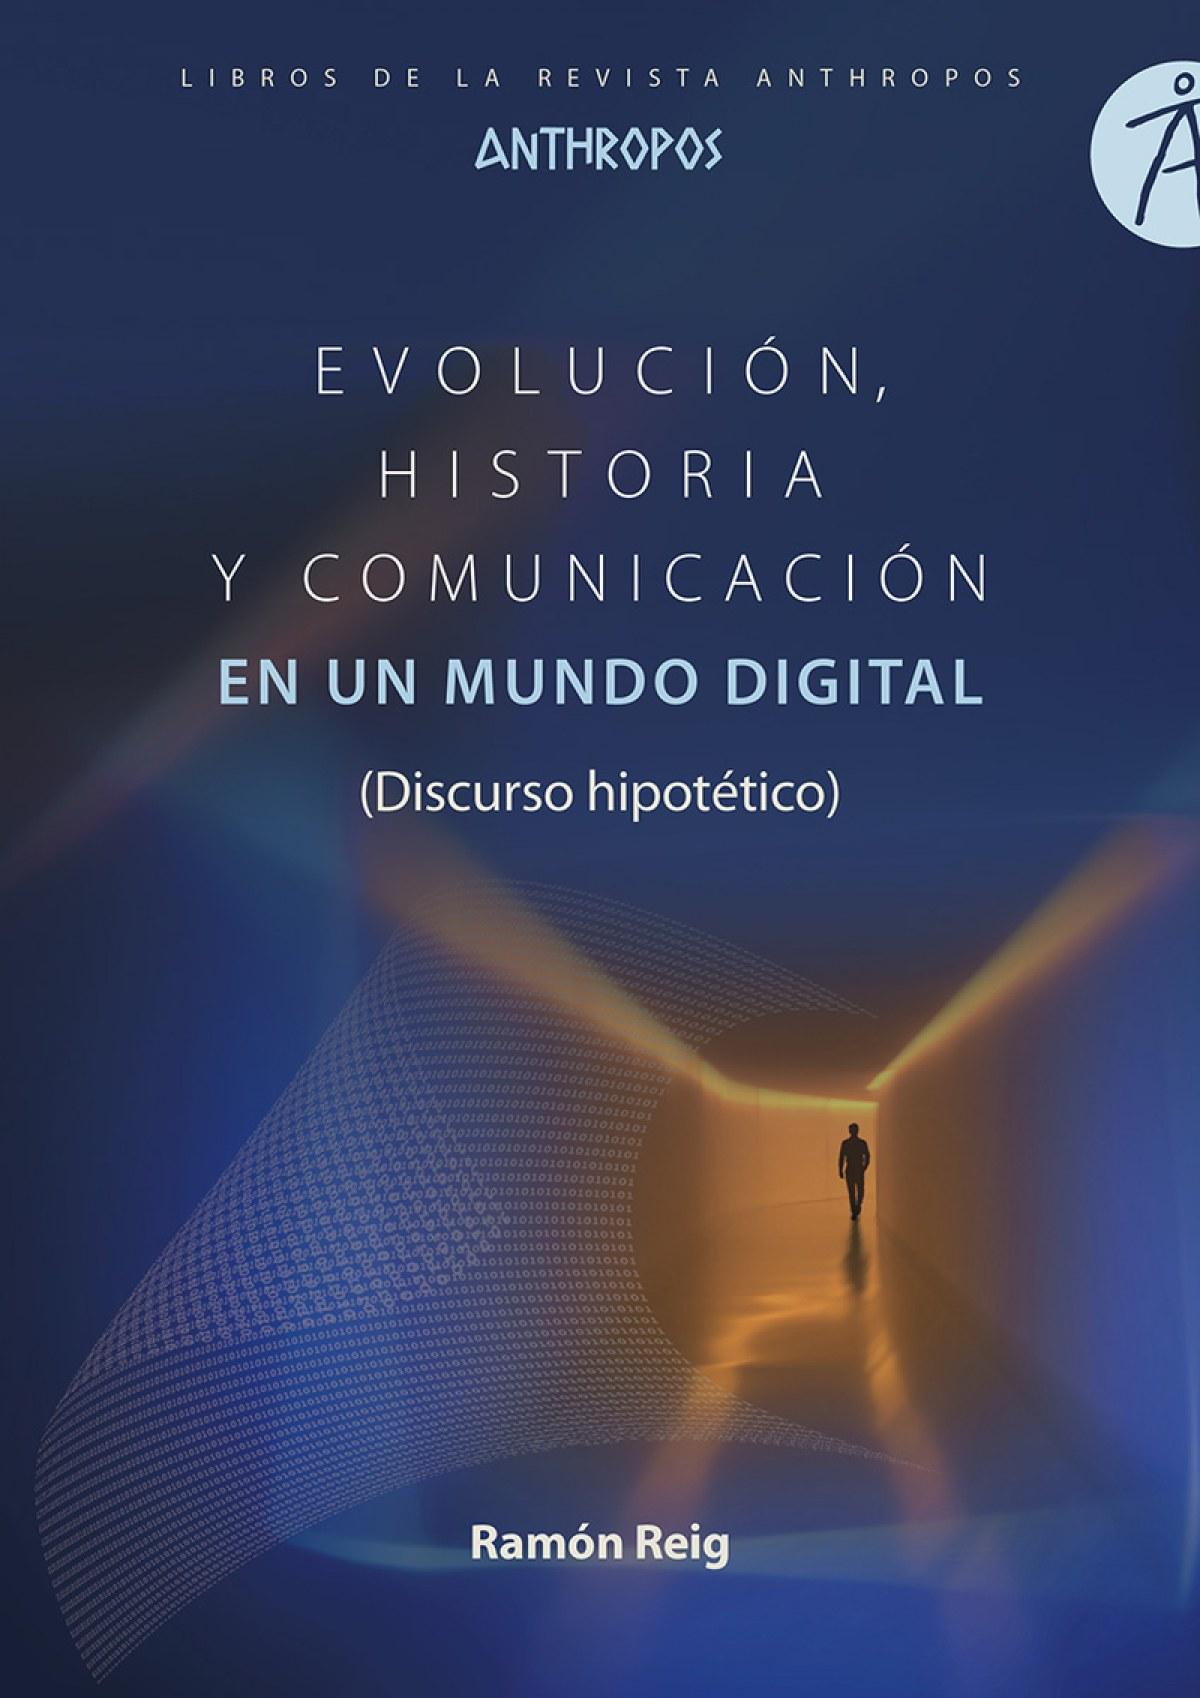 EVOLUCIÓN, HISTORIA Y COMUNICACIÓN EN UN MUNDO DIGITAL